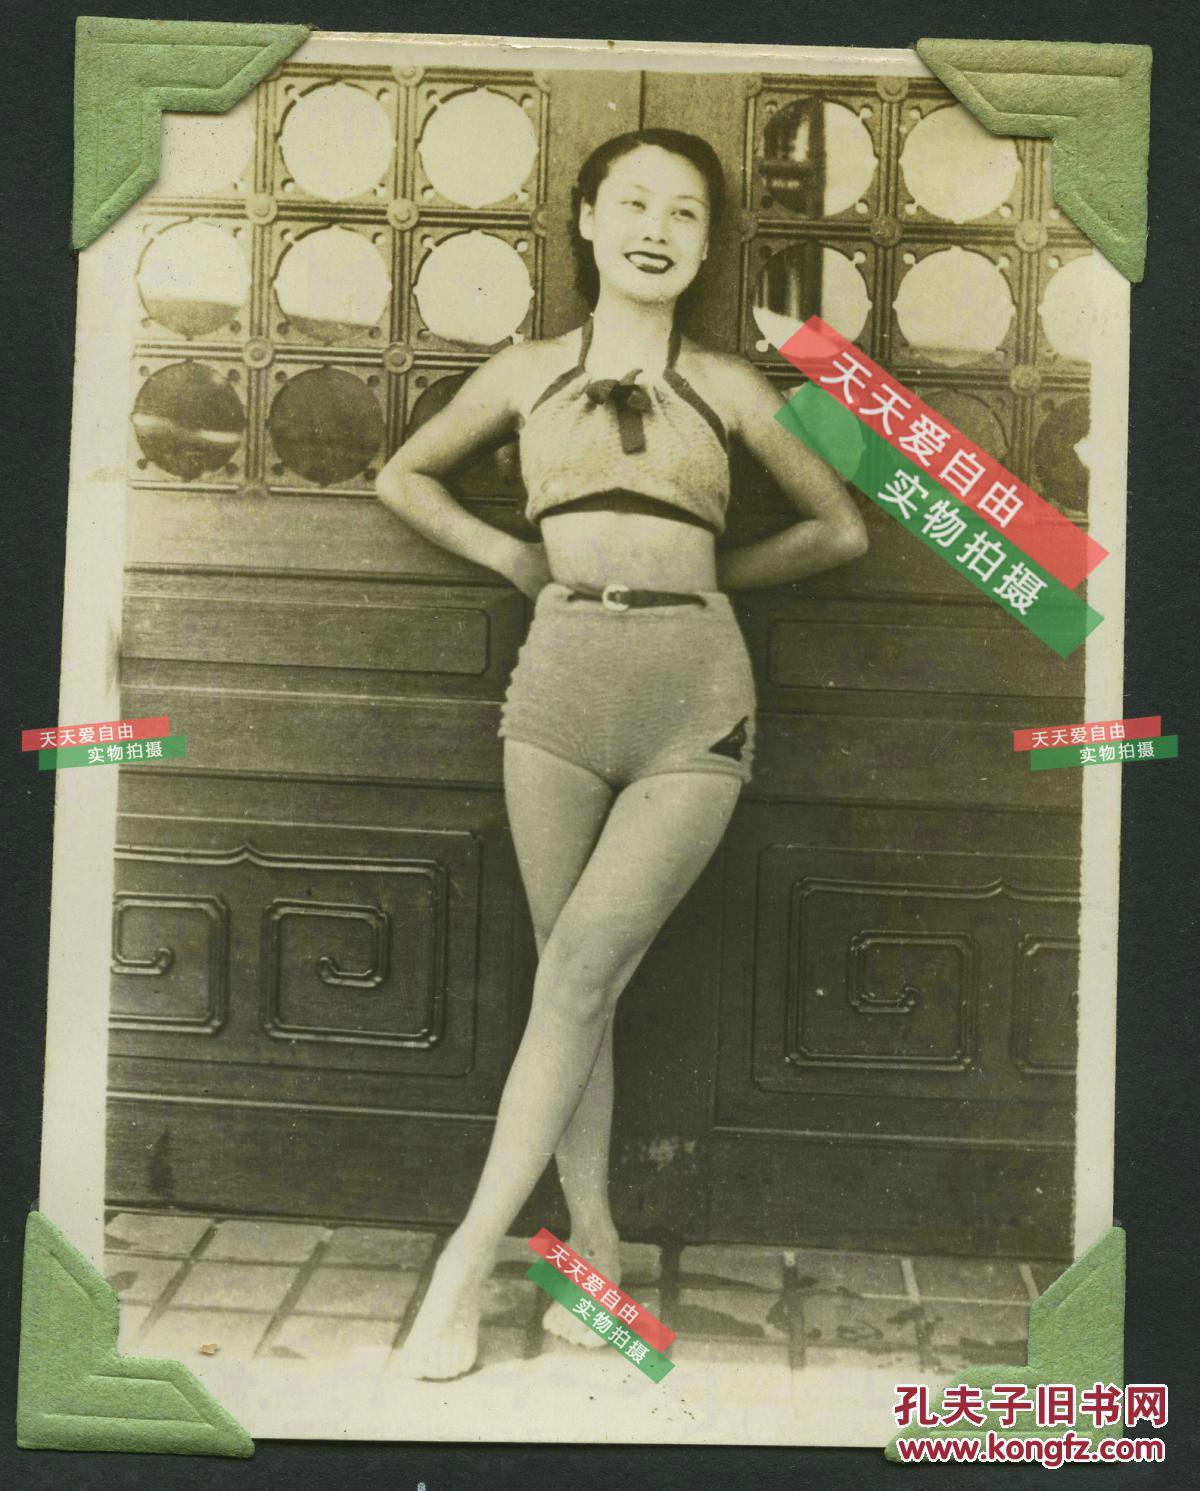 民国美女明星_民国电影明星美女老照片两张,罕见民国泳装造型